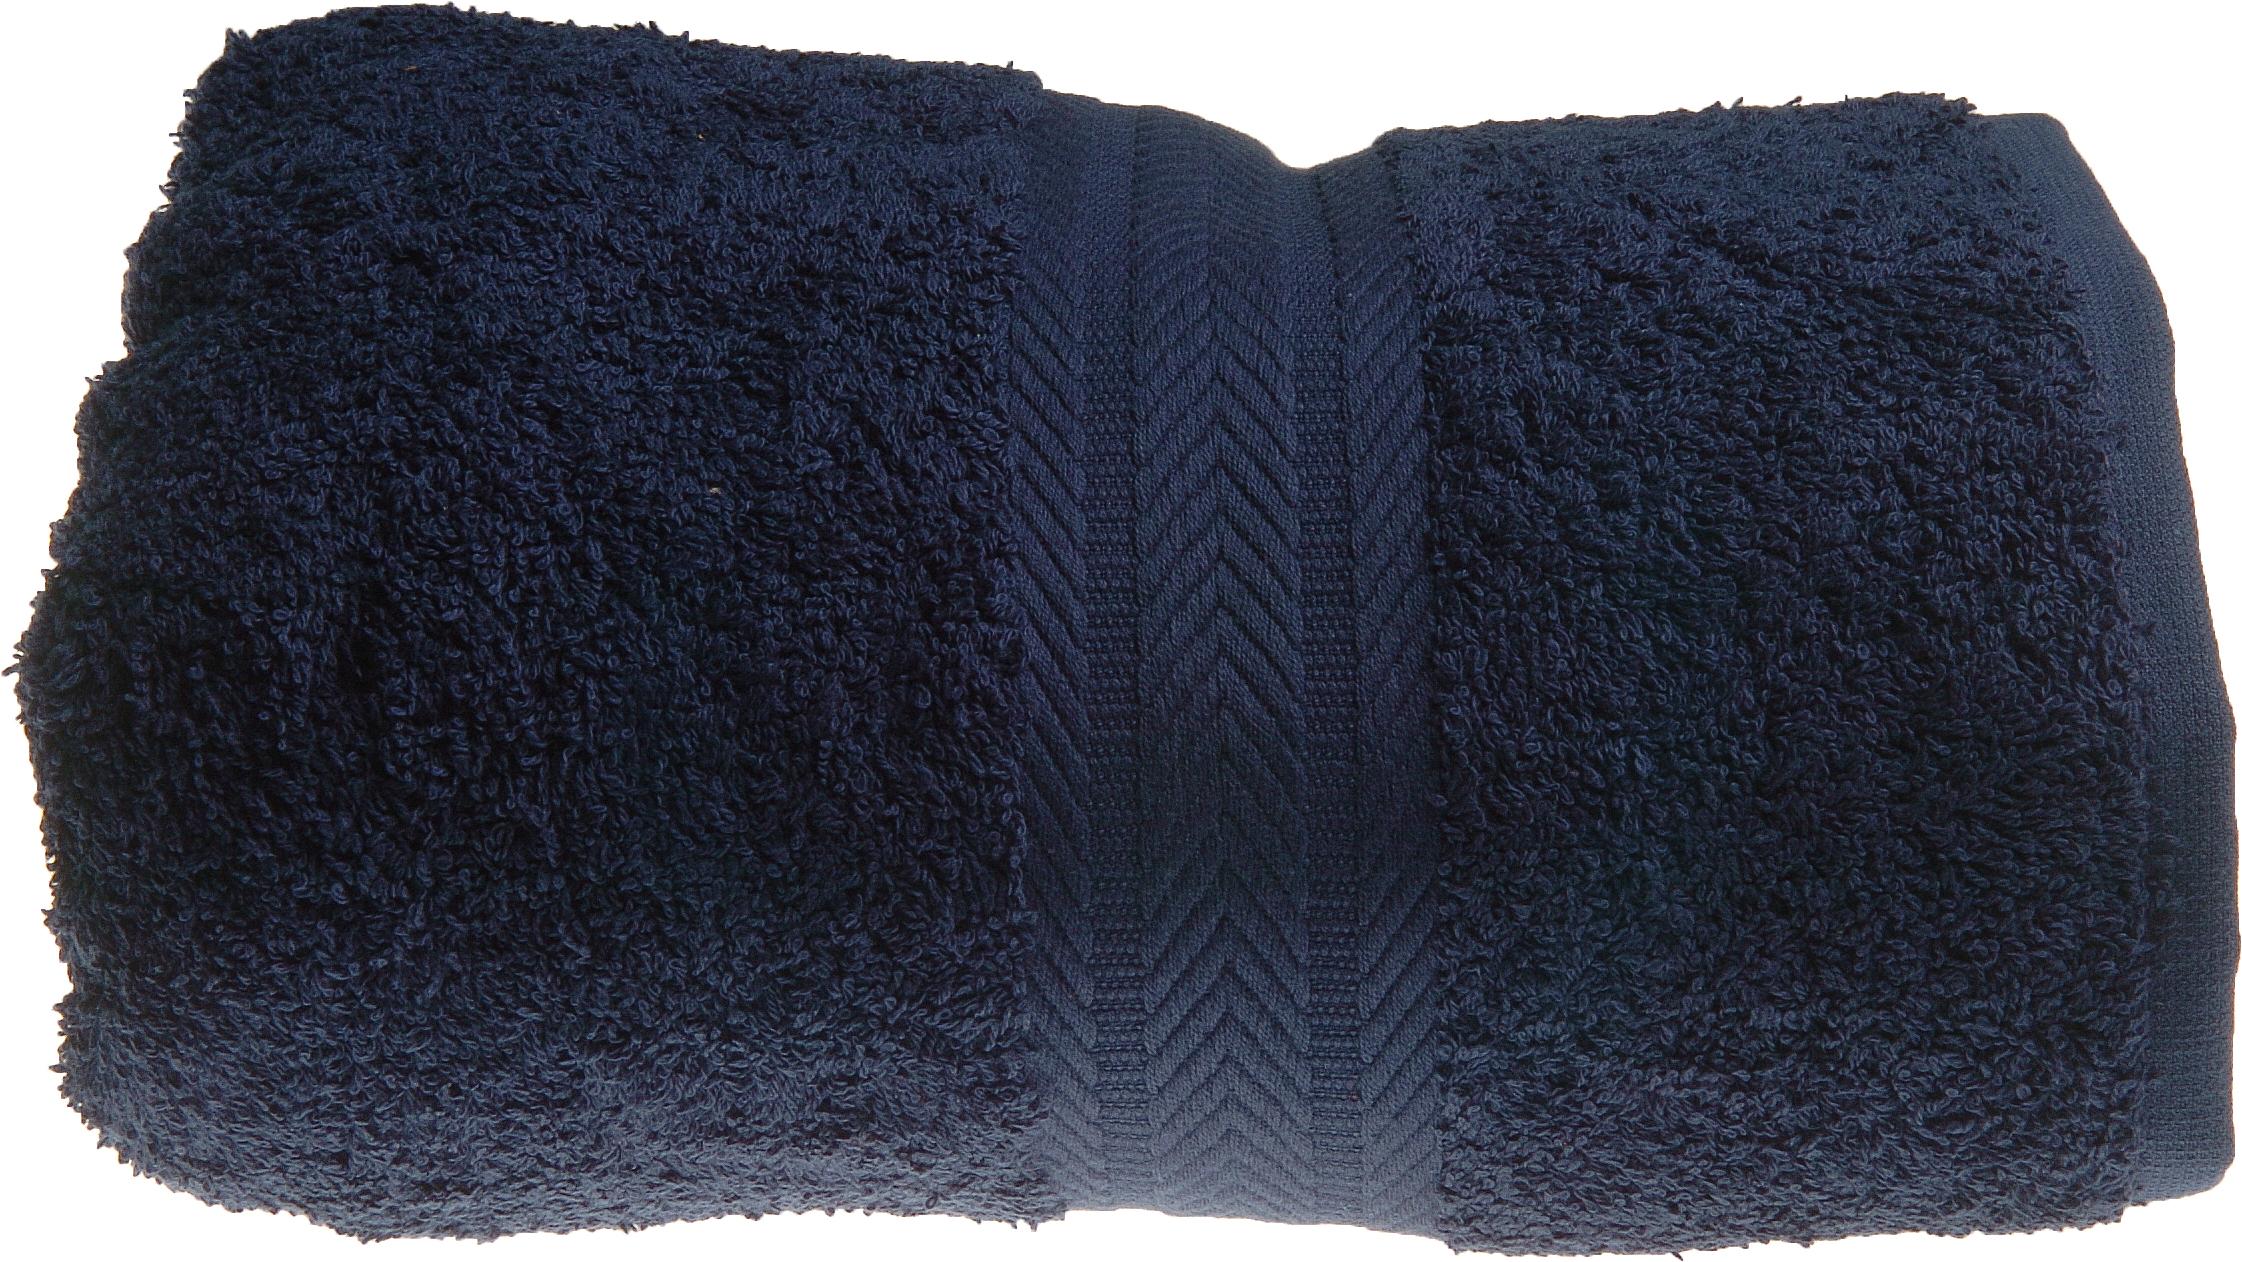 Drap de bain 100 x 150 cm en Coton couleur Marine (Marine)